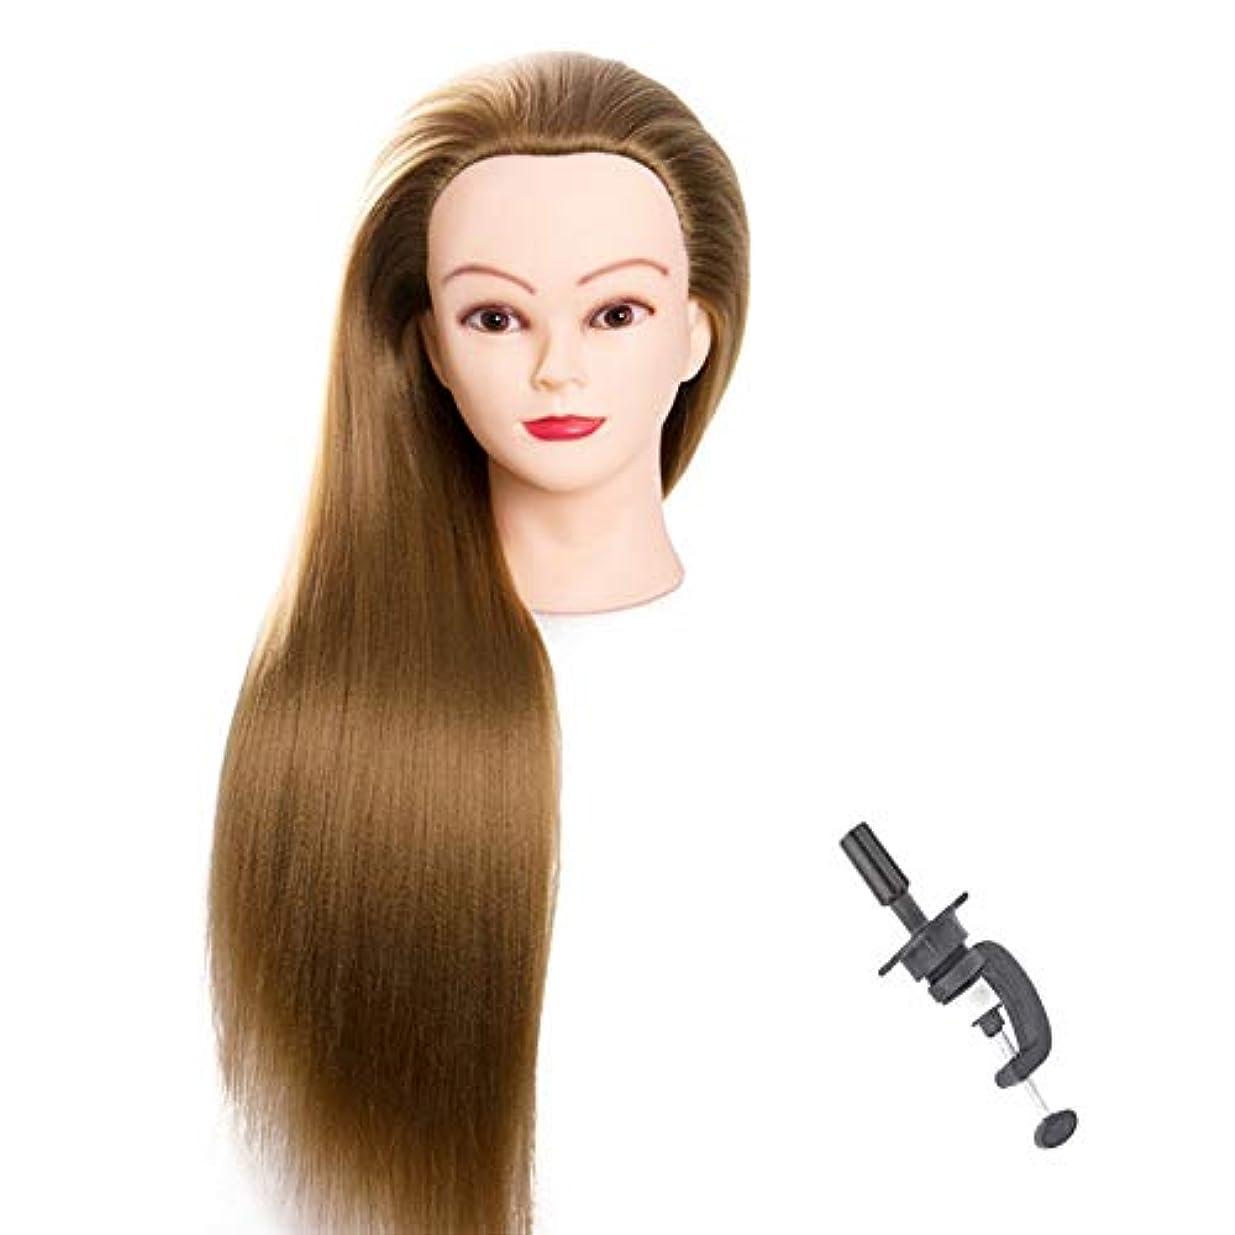 記事電話に出る打撃美容院トレーニングヘッドマネキンヘッド合成繊維美容マネキン、無料テーブルクランプスタンド、ゴールド